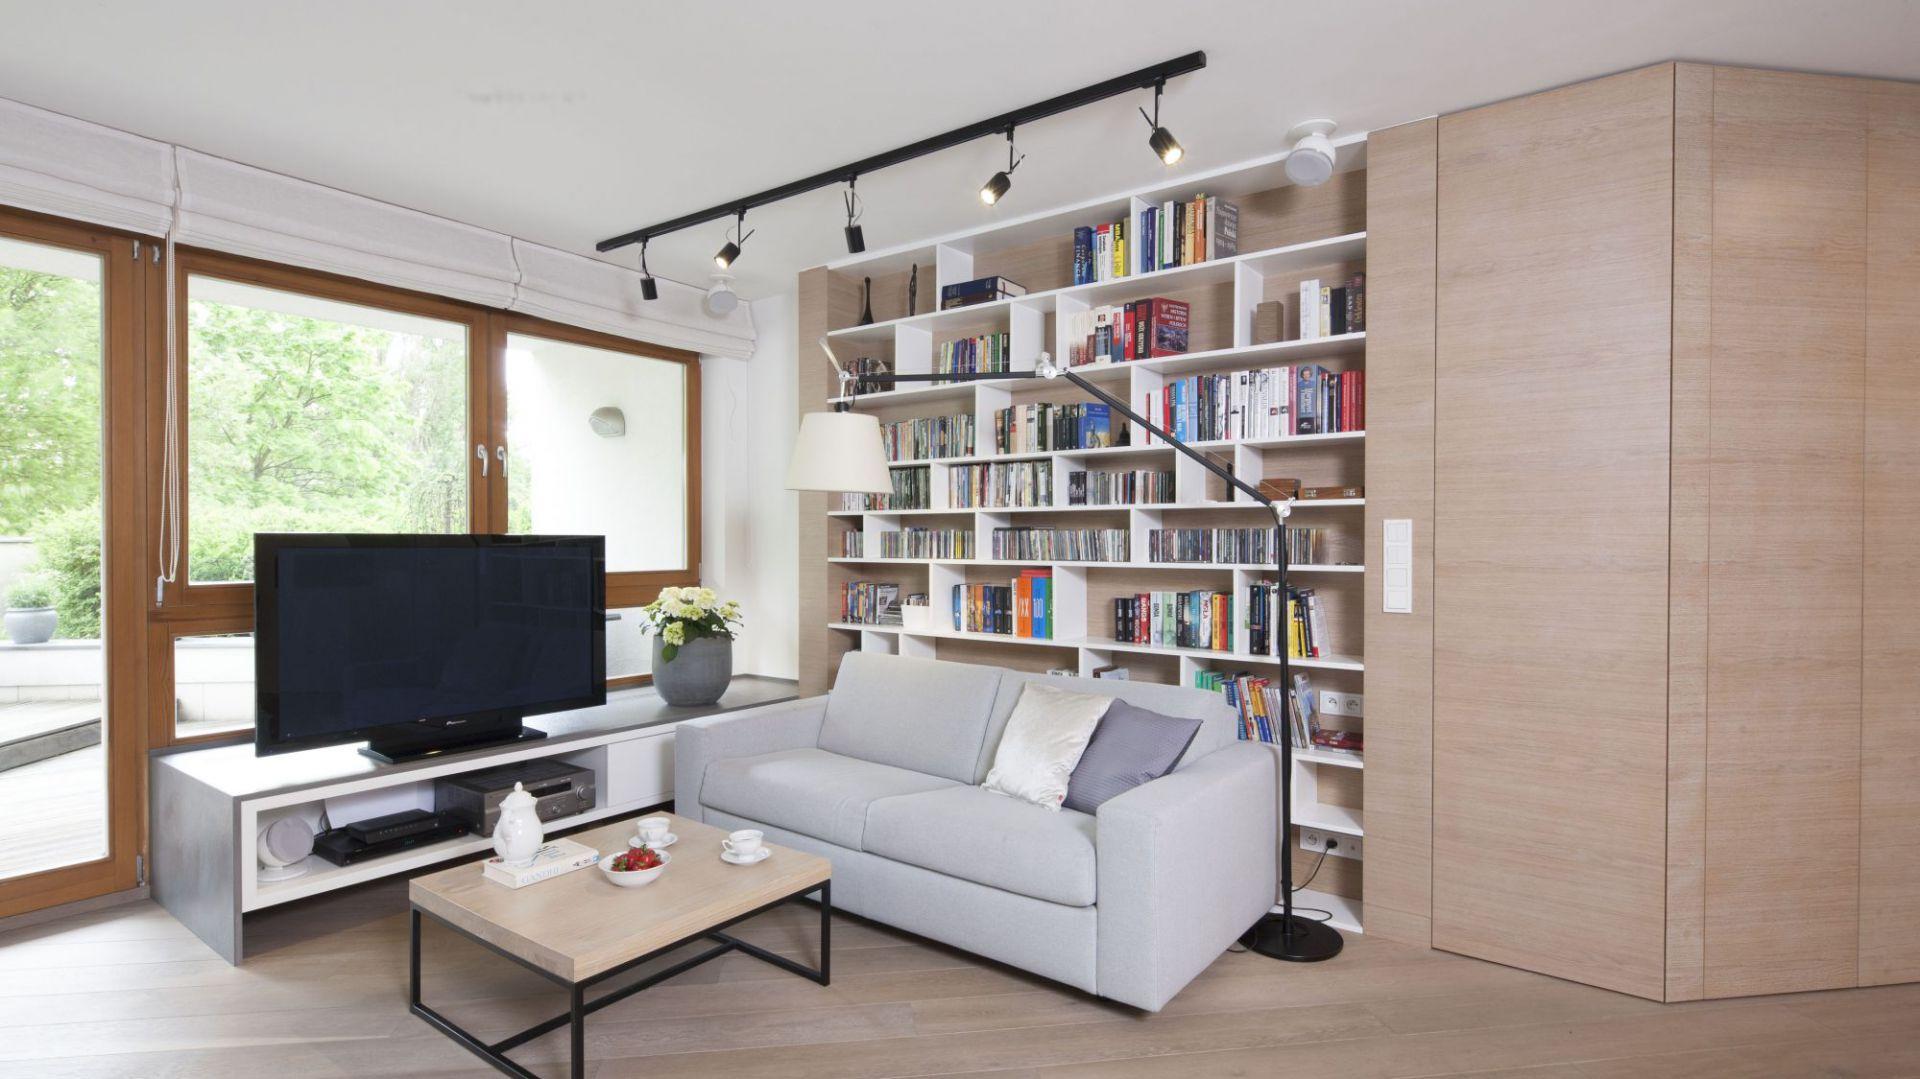 Domowa biblioteka. 20 pomysłów na przechowywanie książek